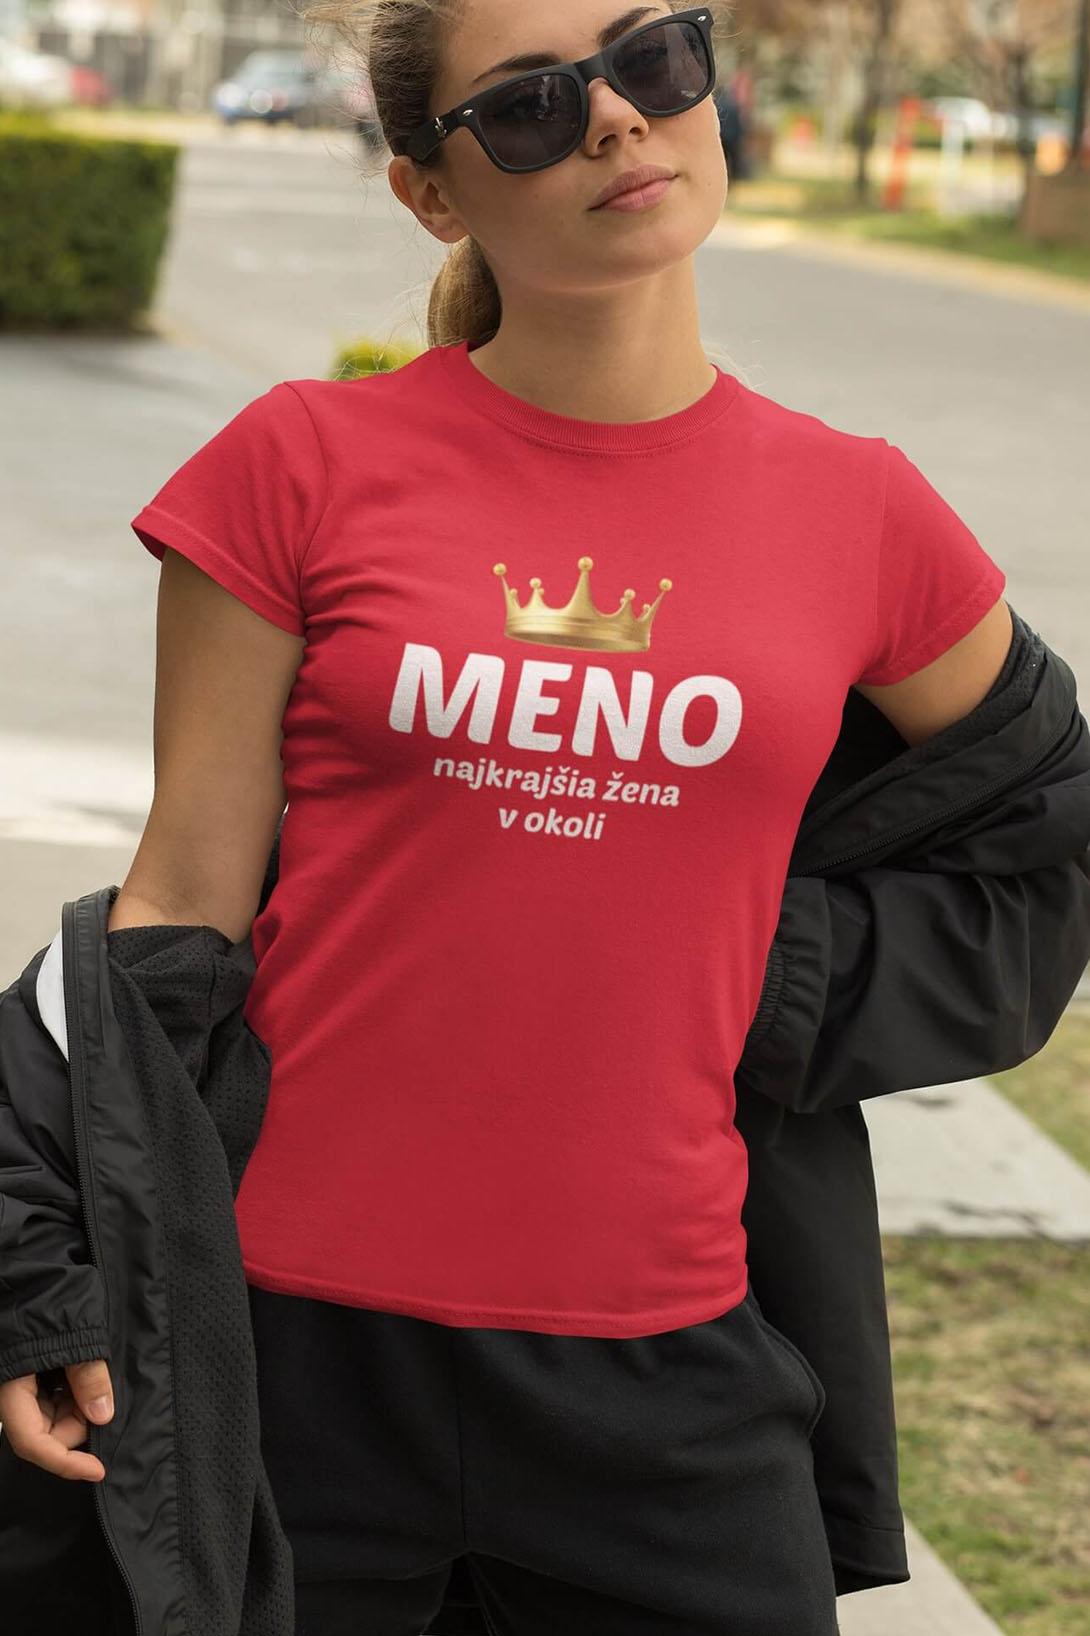 MMO Dámske tričko Najkrajšia žena v okolí Vyberte farbu: Ružová, Vyberte veľkosť: M